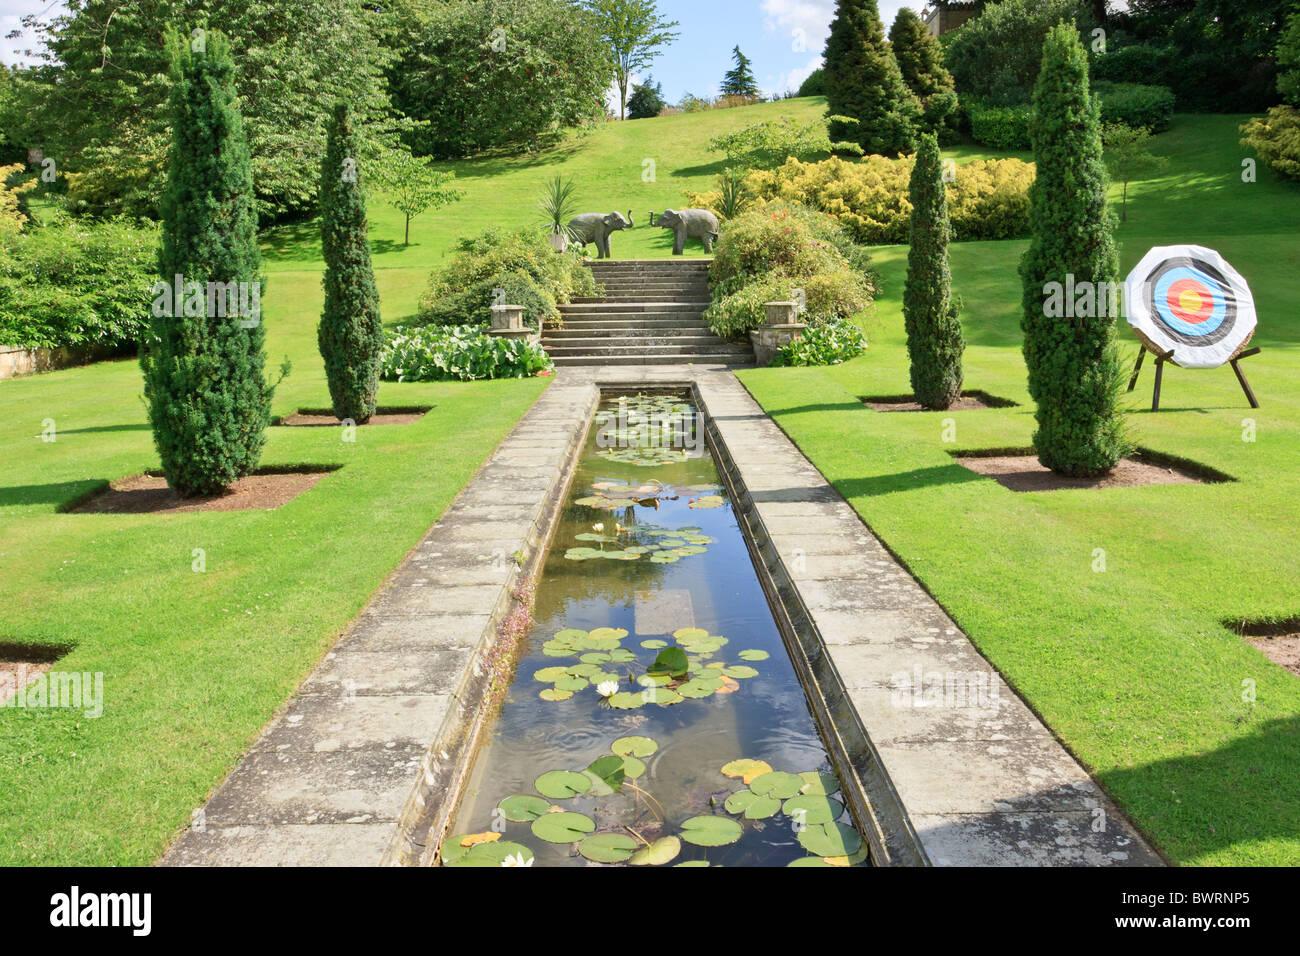 Gardens at Sezincote House - Stock Image